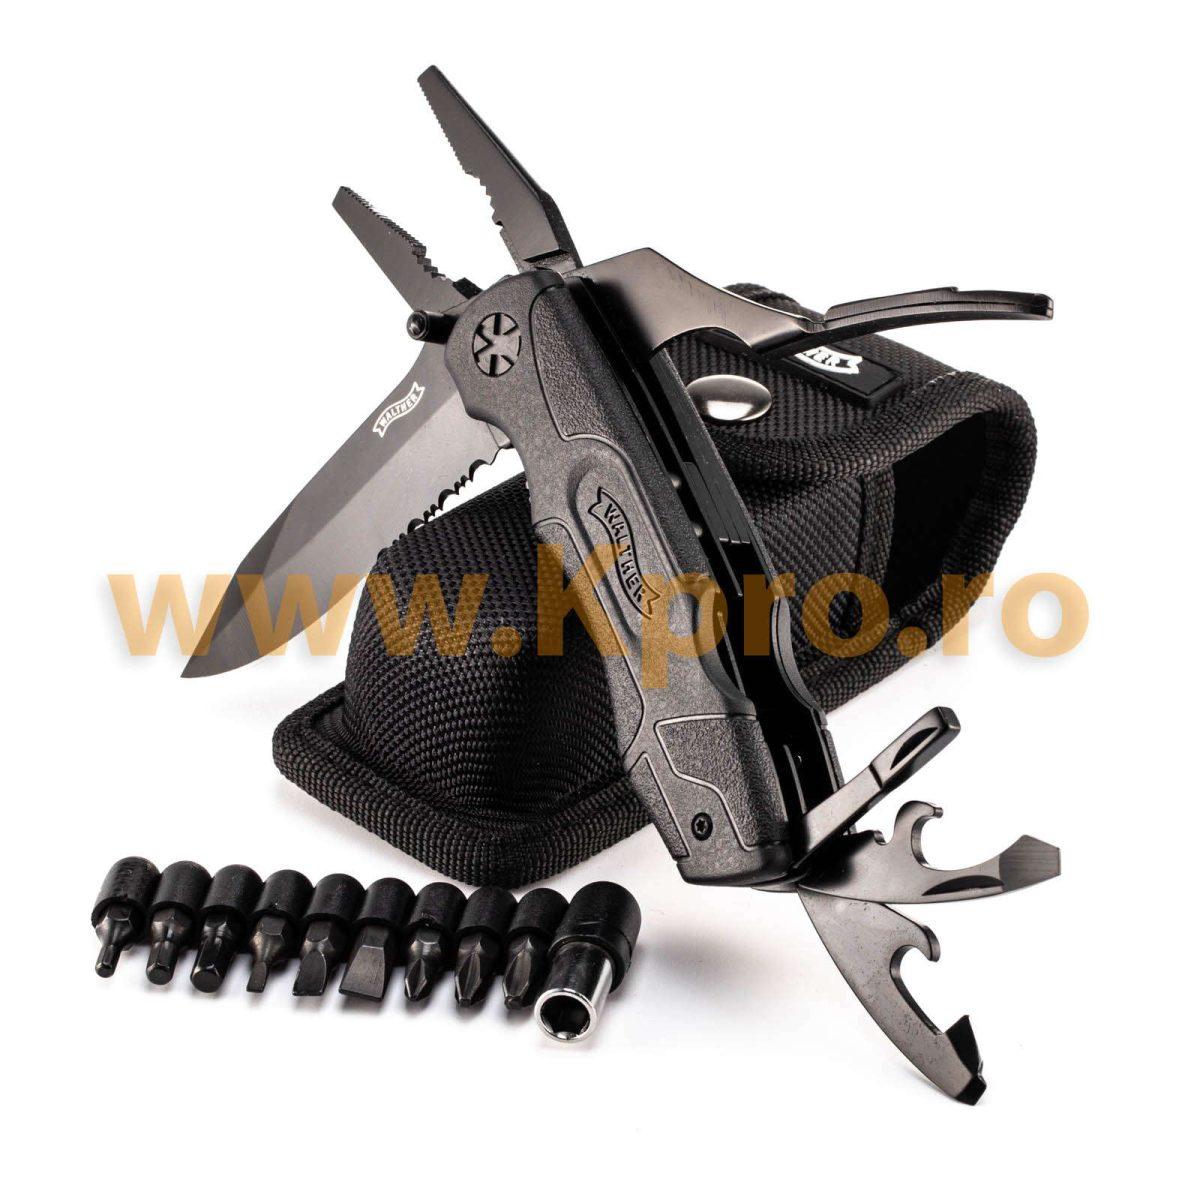 Multi-tool Walther MTK2